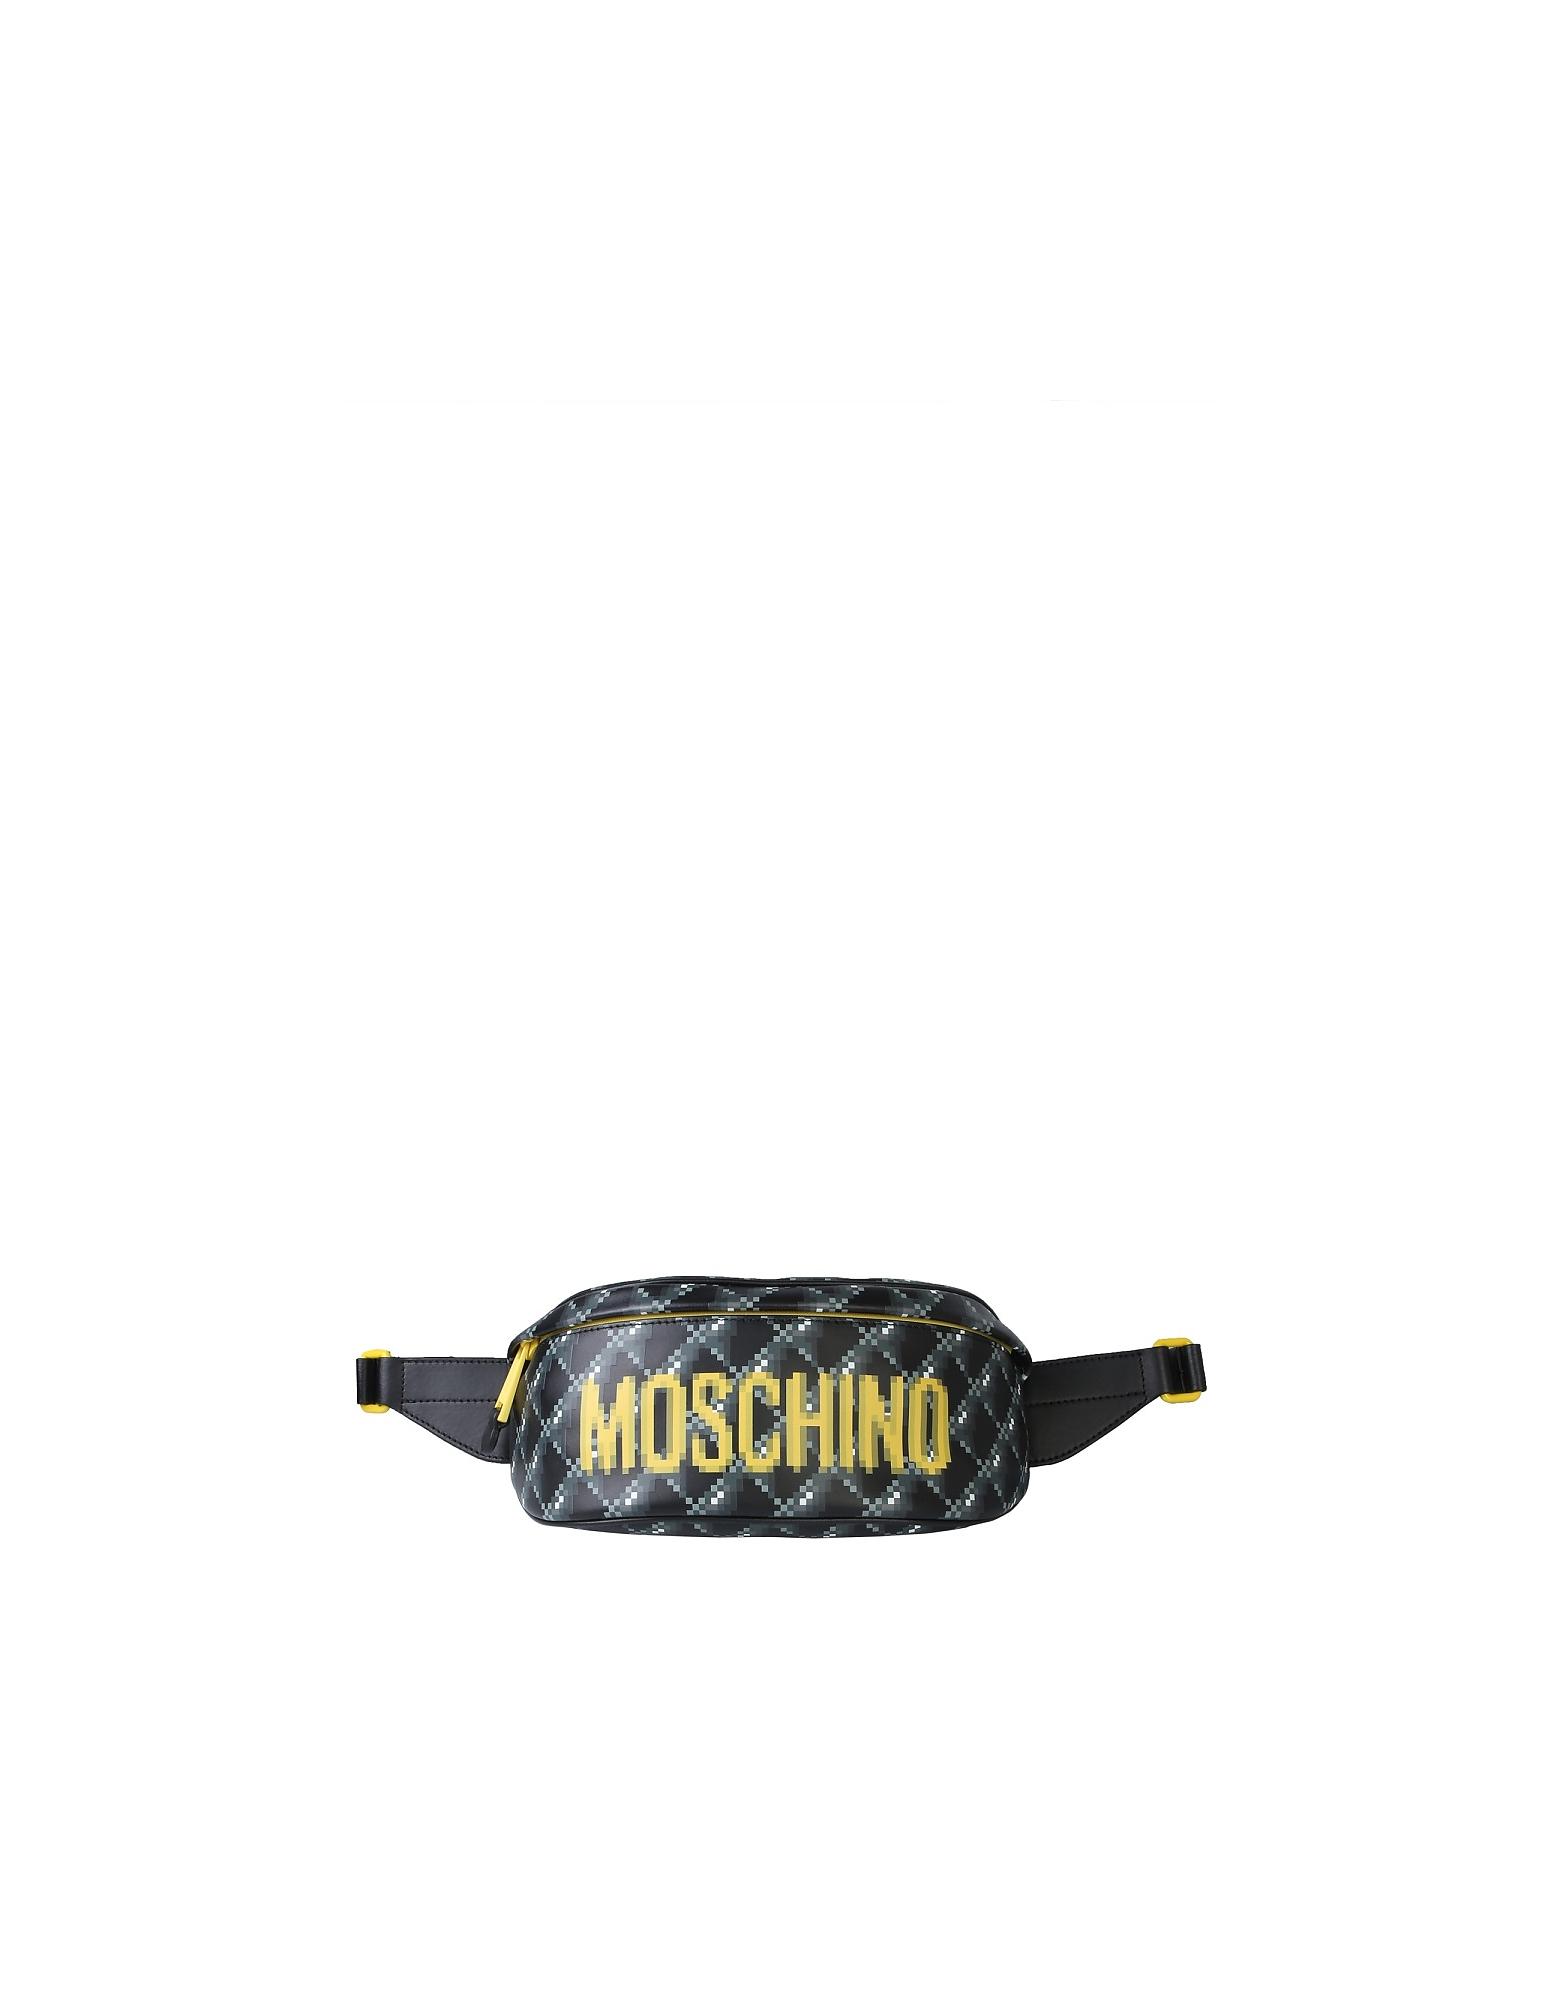 Moschino Designer Handbags, Logo Pouch